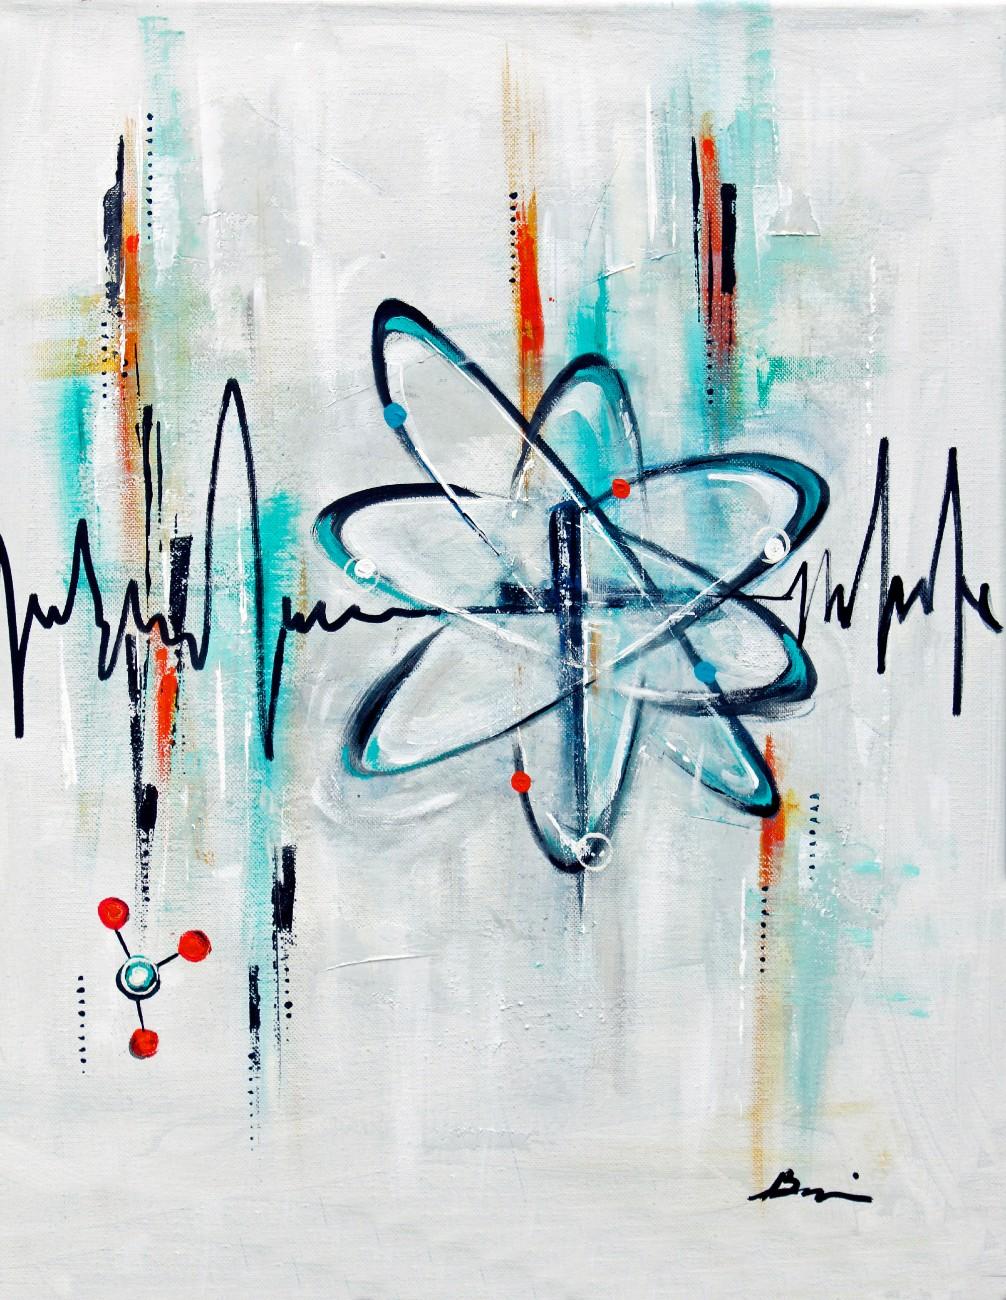 Atom of faith 1000